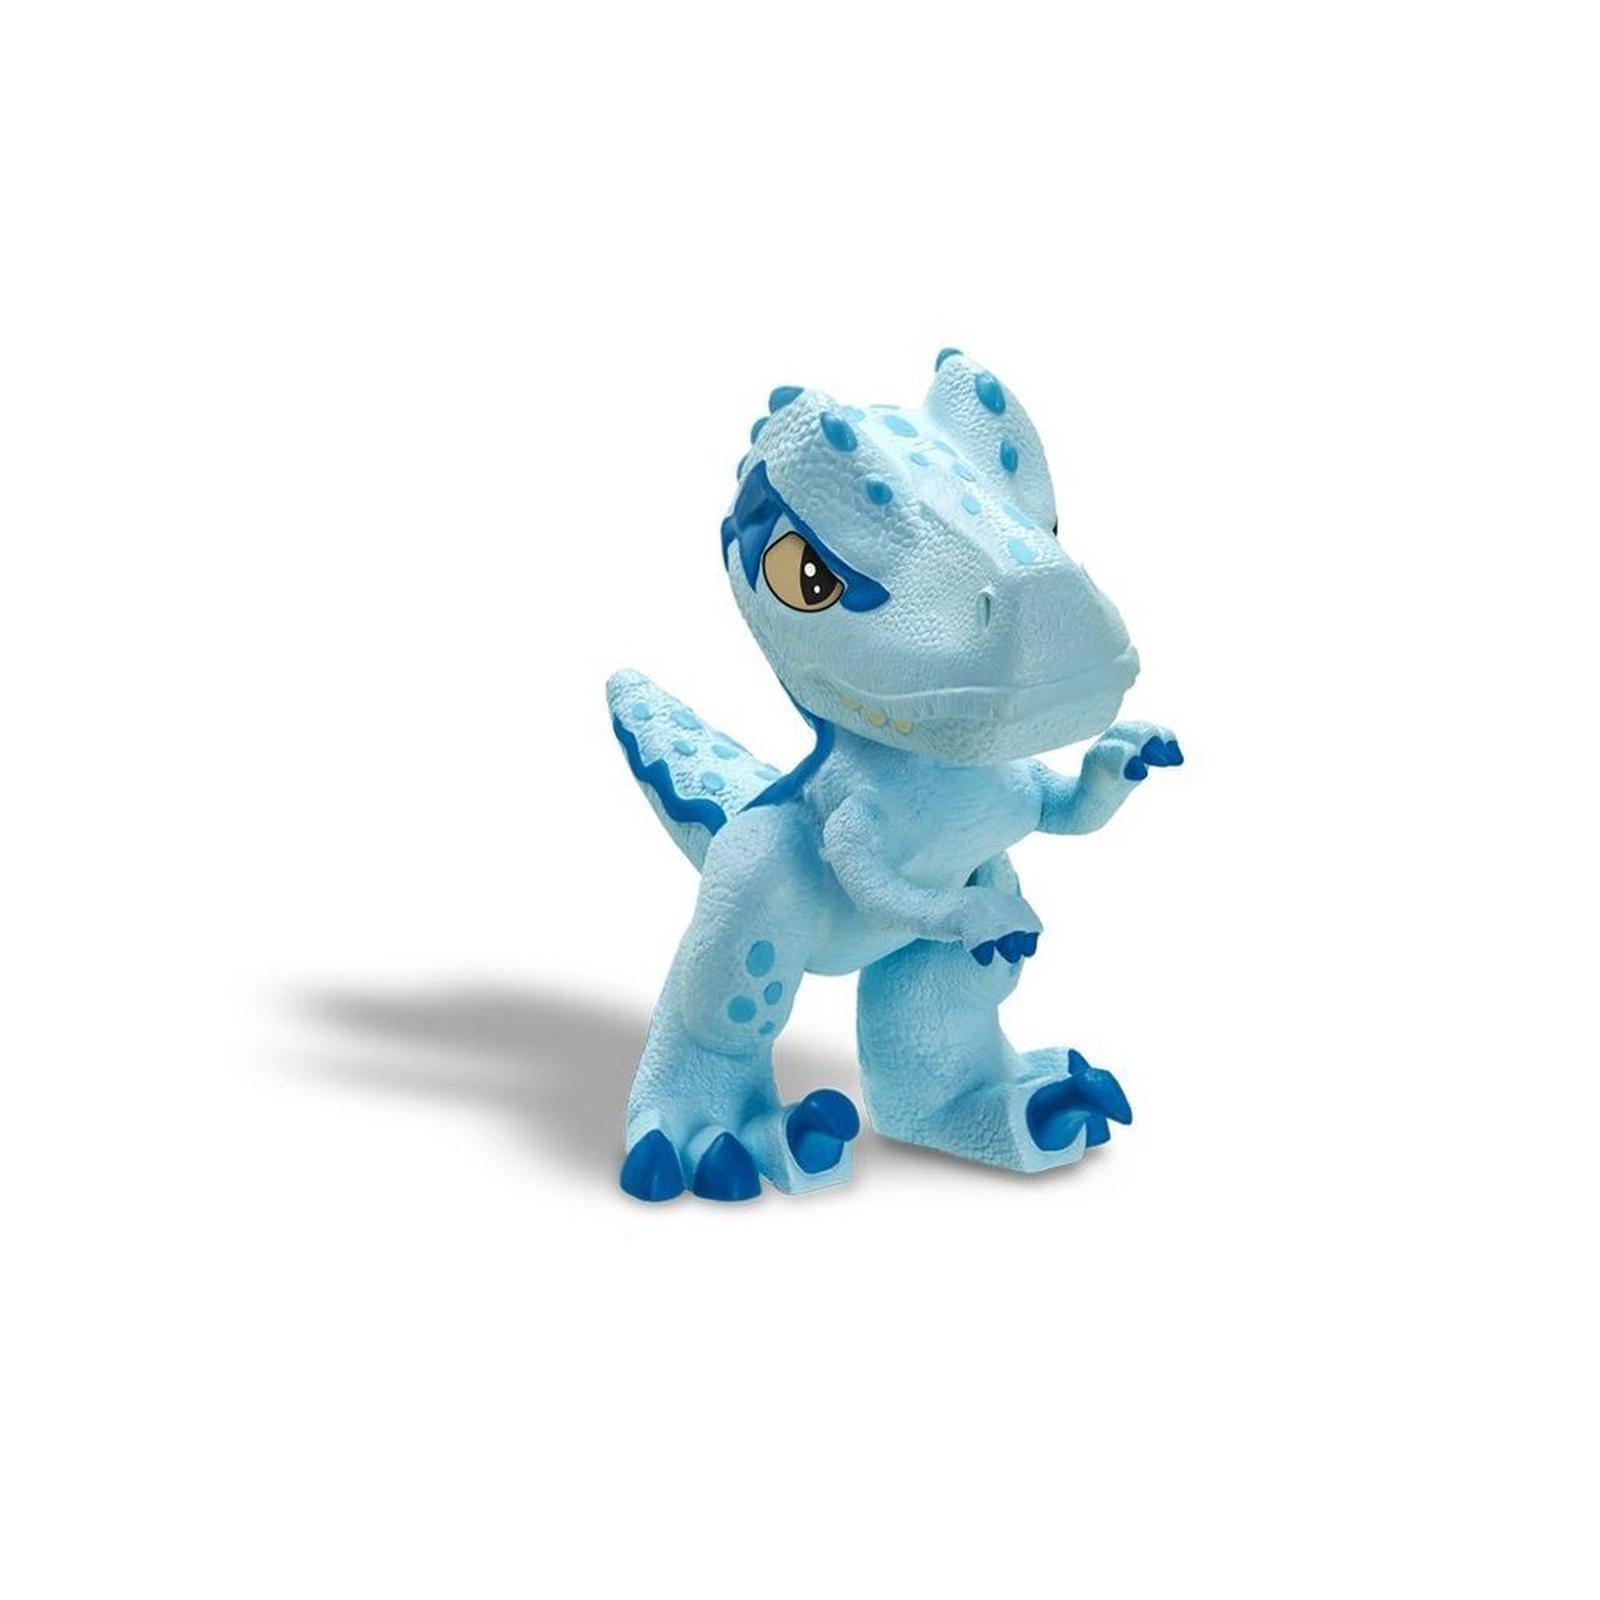 Dinossauro Velociraptor Blue - Pupee